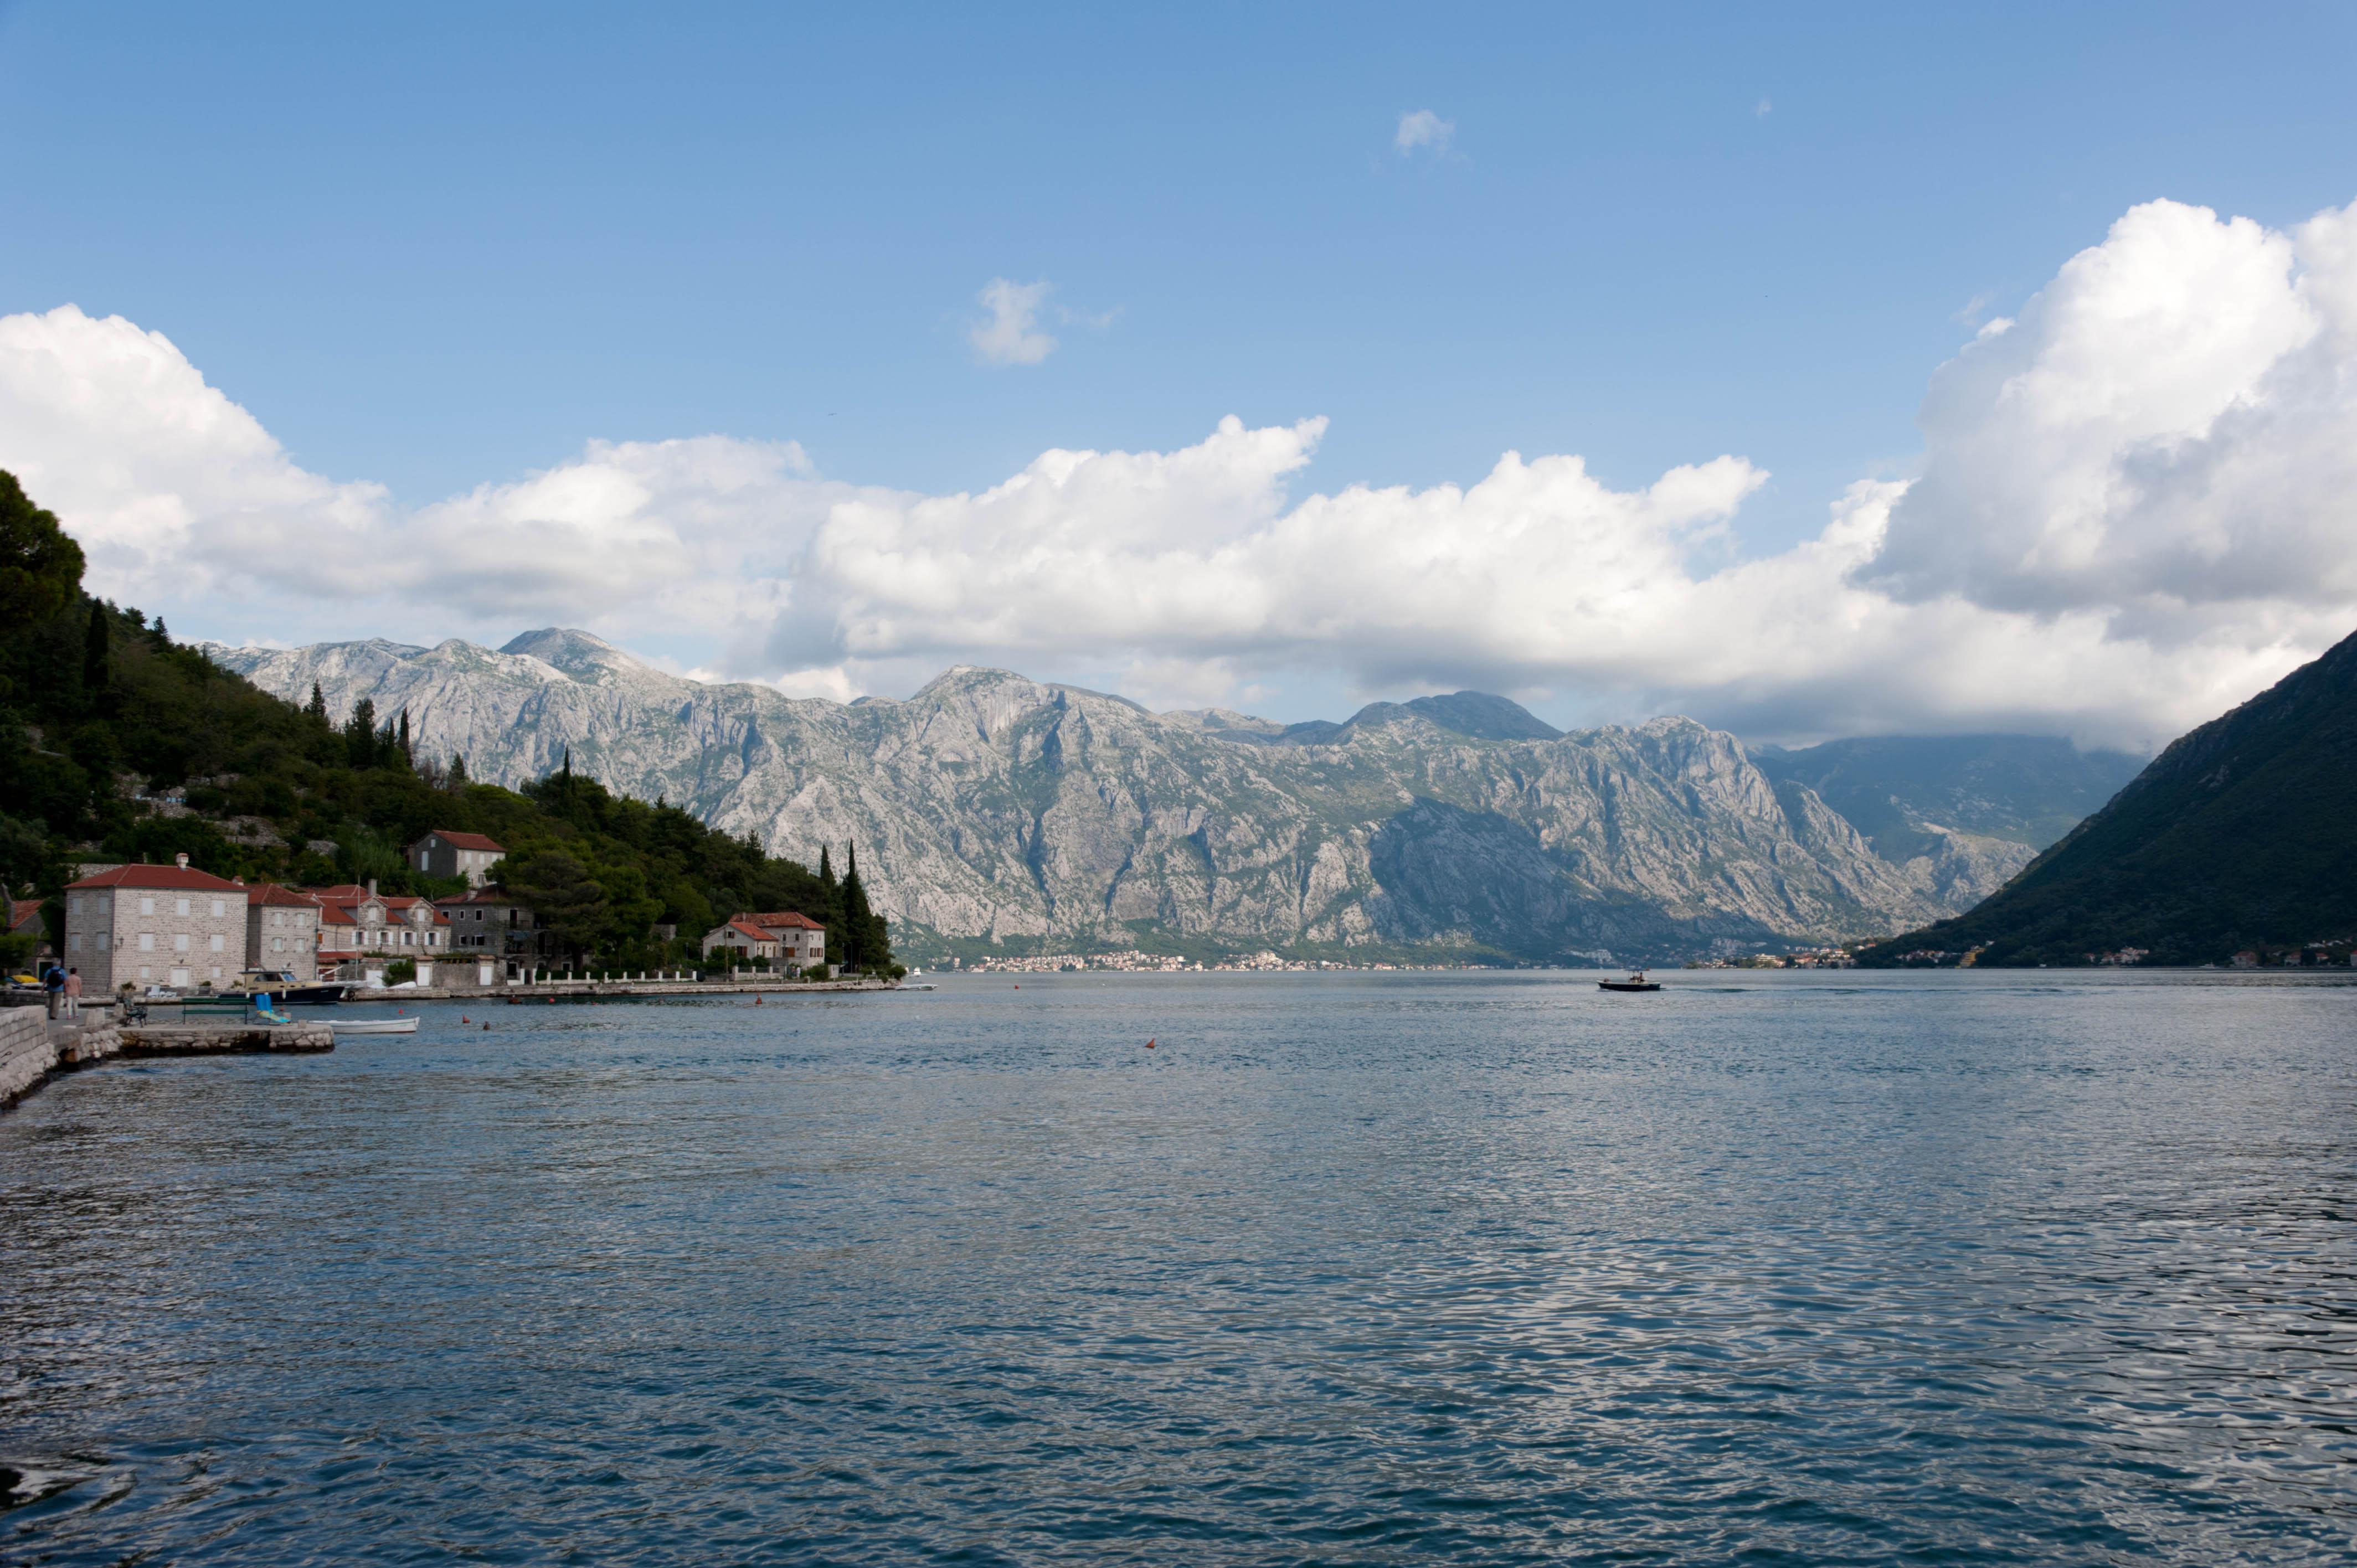 0216-Perast - Bouches de Kotor (Montenegro)